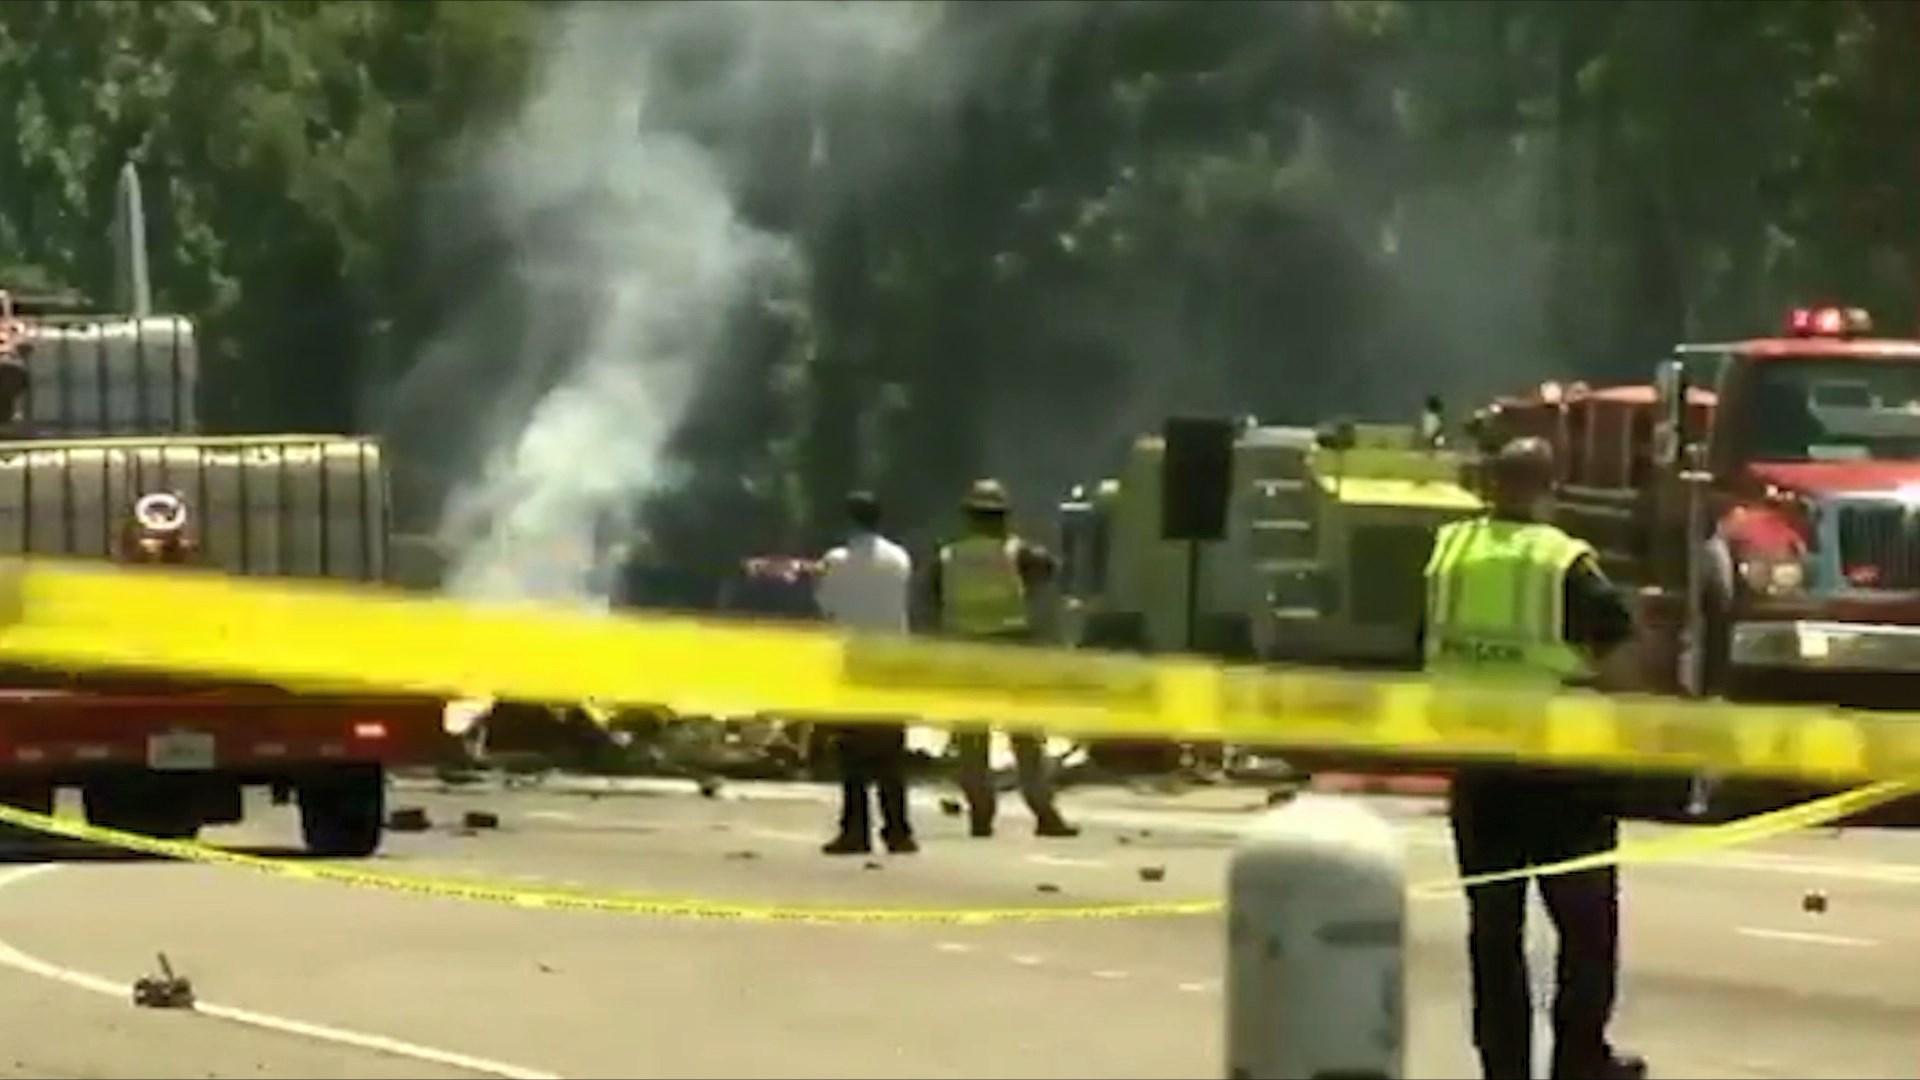 SHBA, rrëzohet avioni i Gardës ajrore/ 5 viktima në Savanah